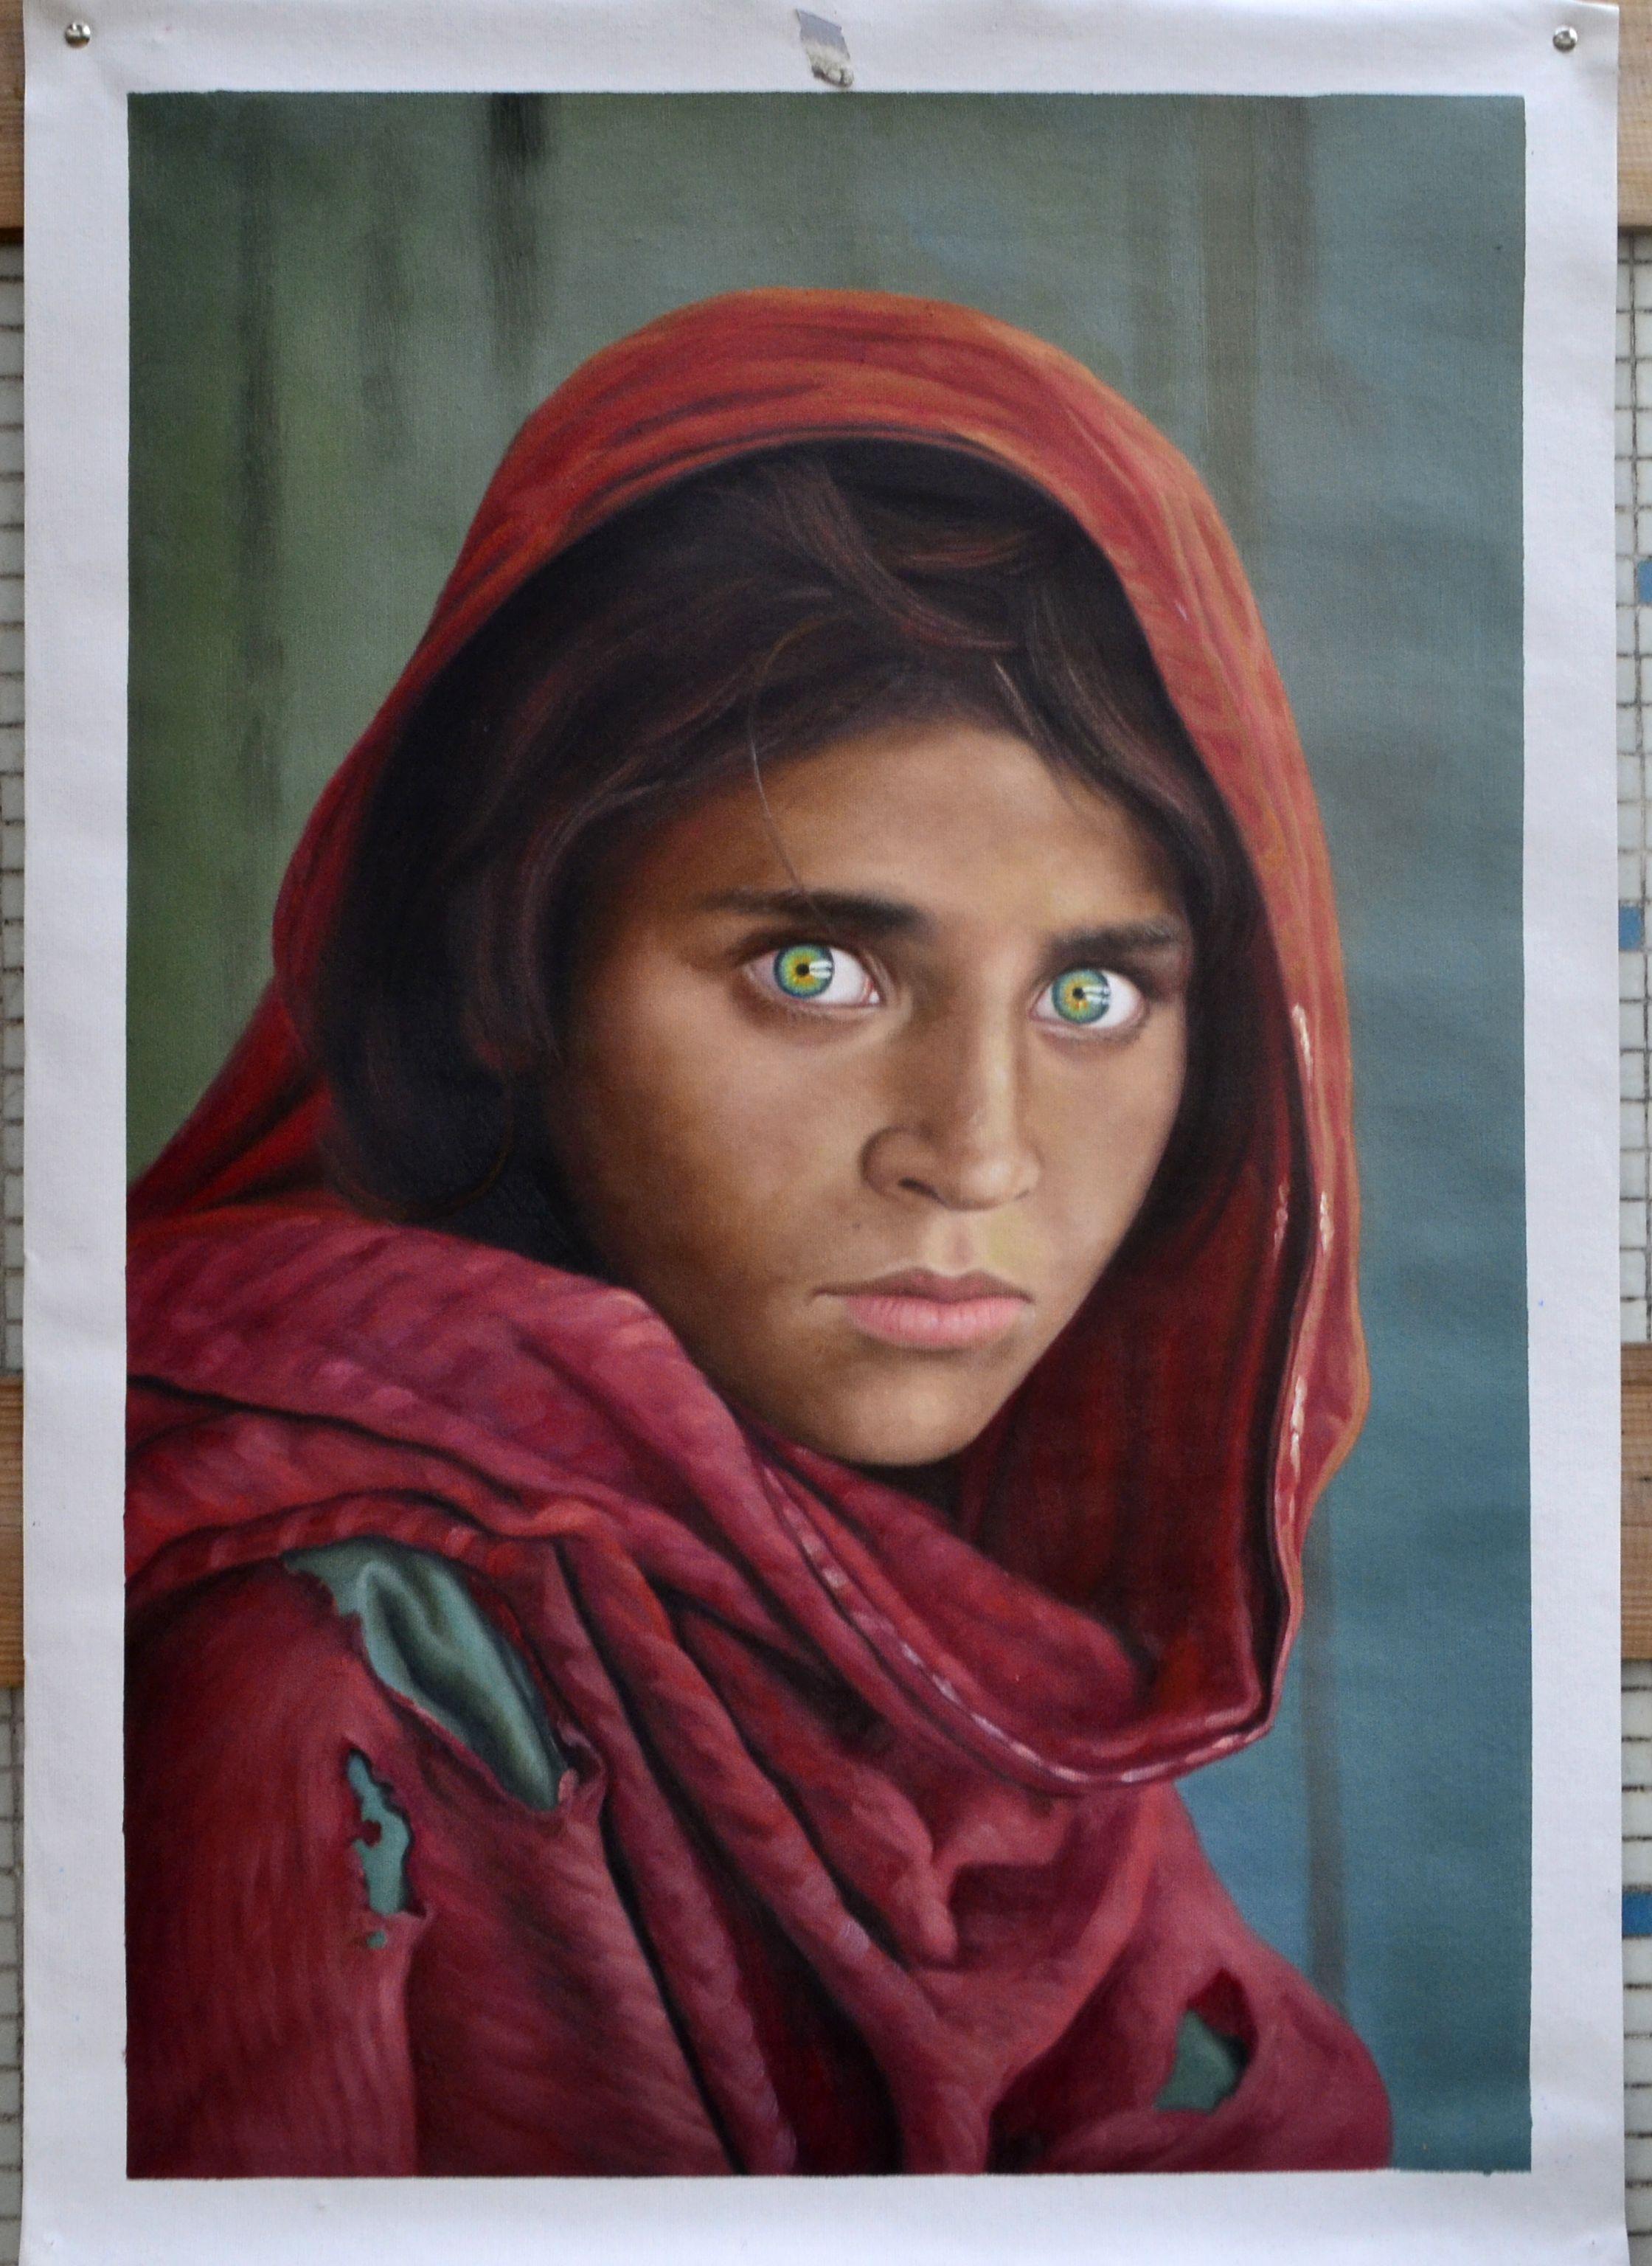 from Ivan afghan teen girl nude